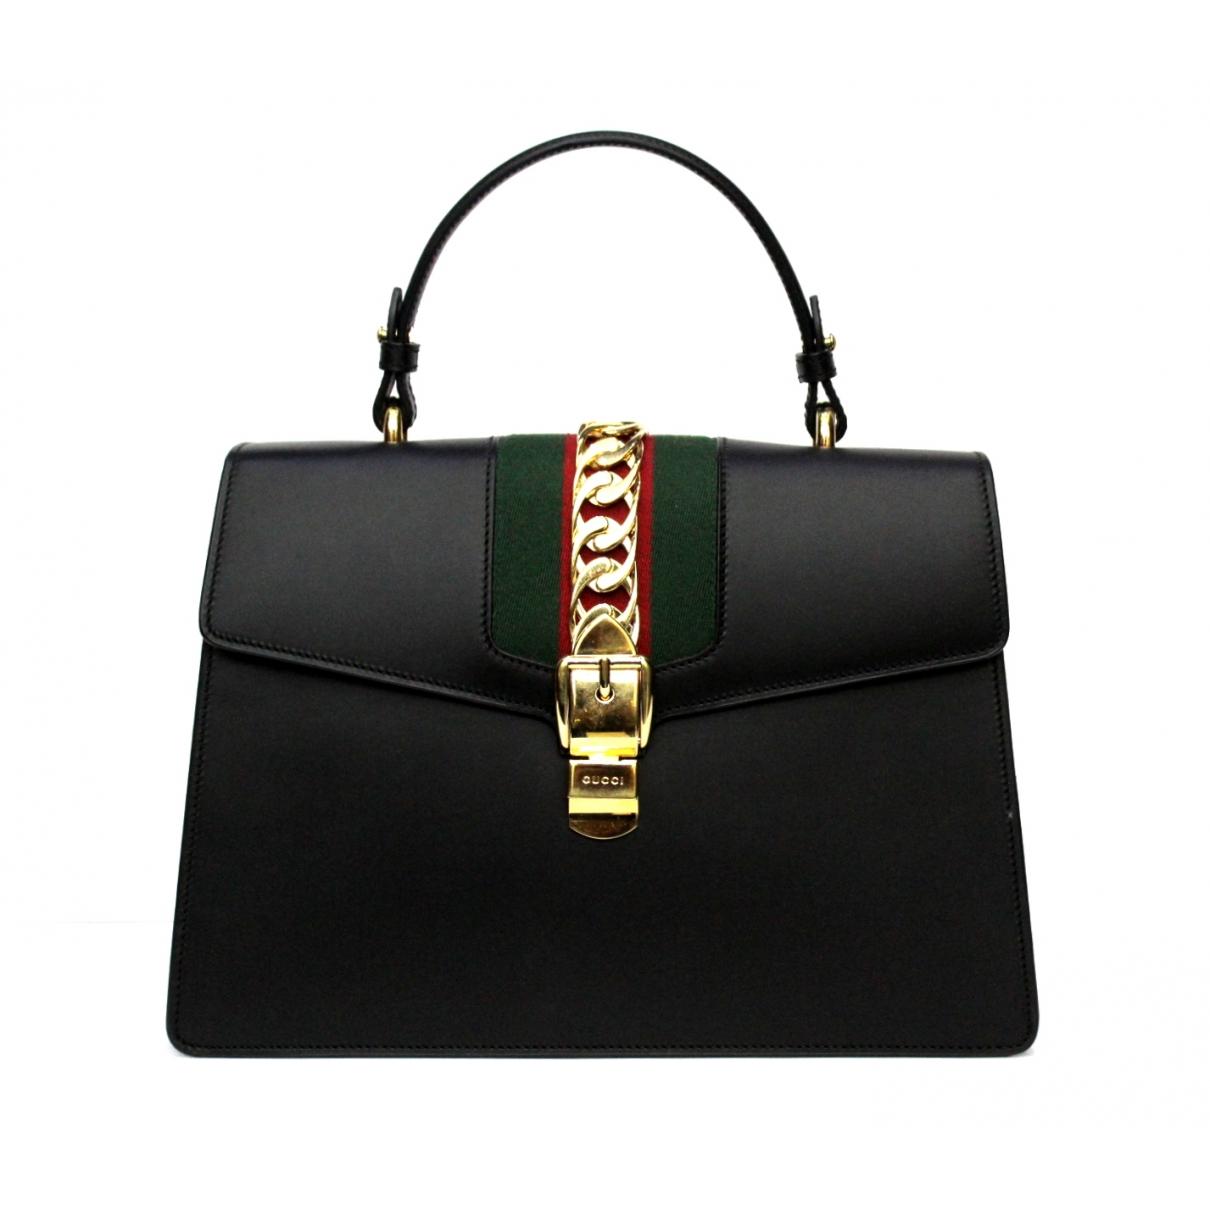 Gucci - Sac a main Sylvie pour femme en cuir - noir